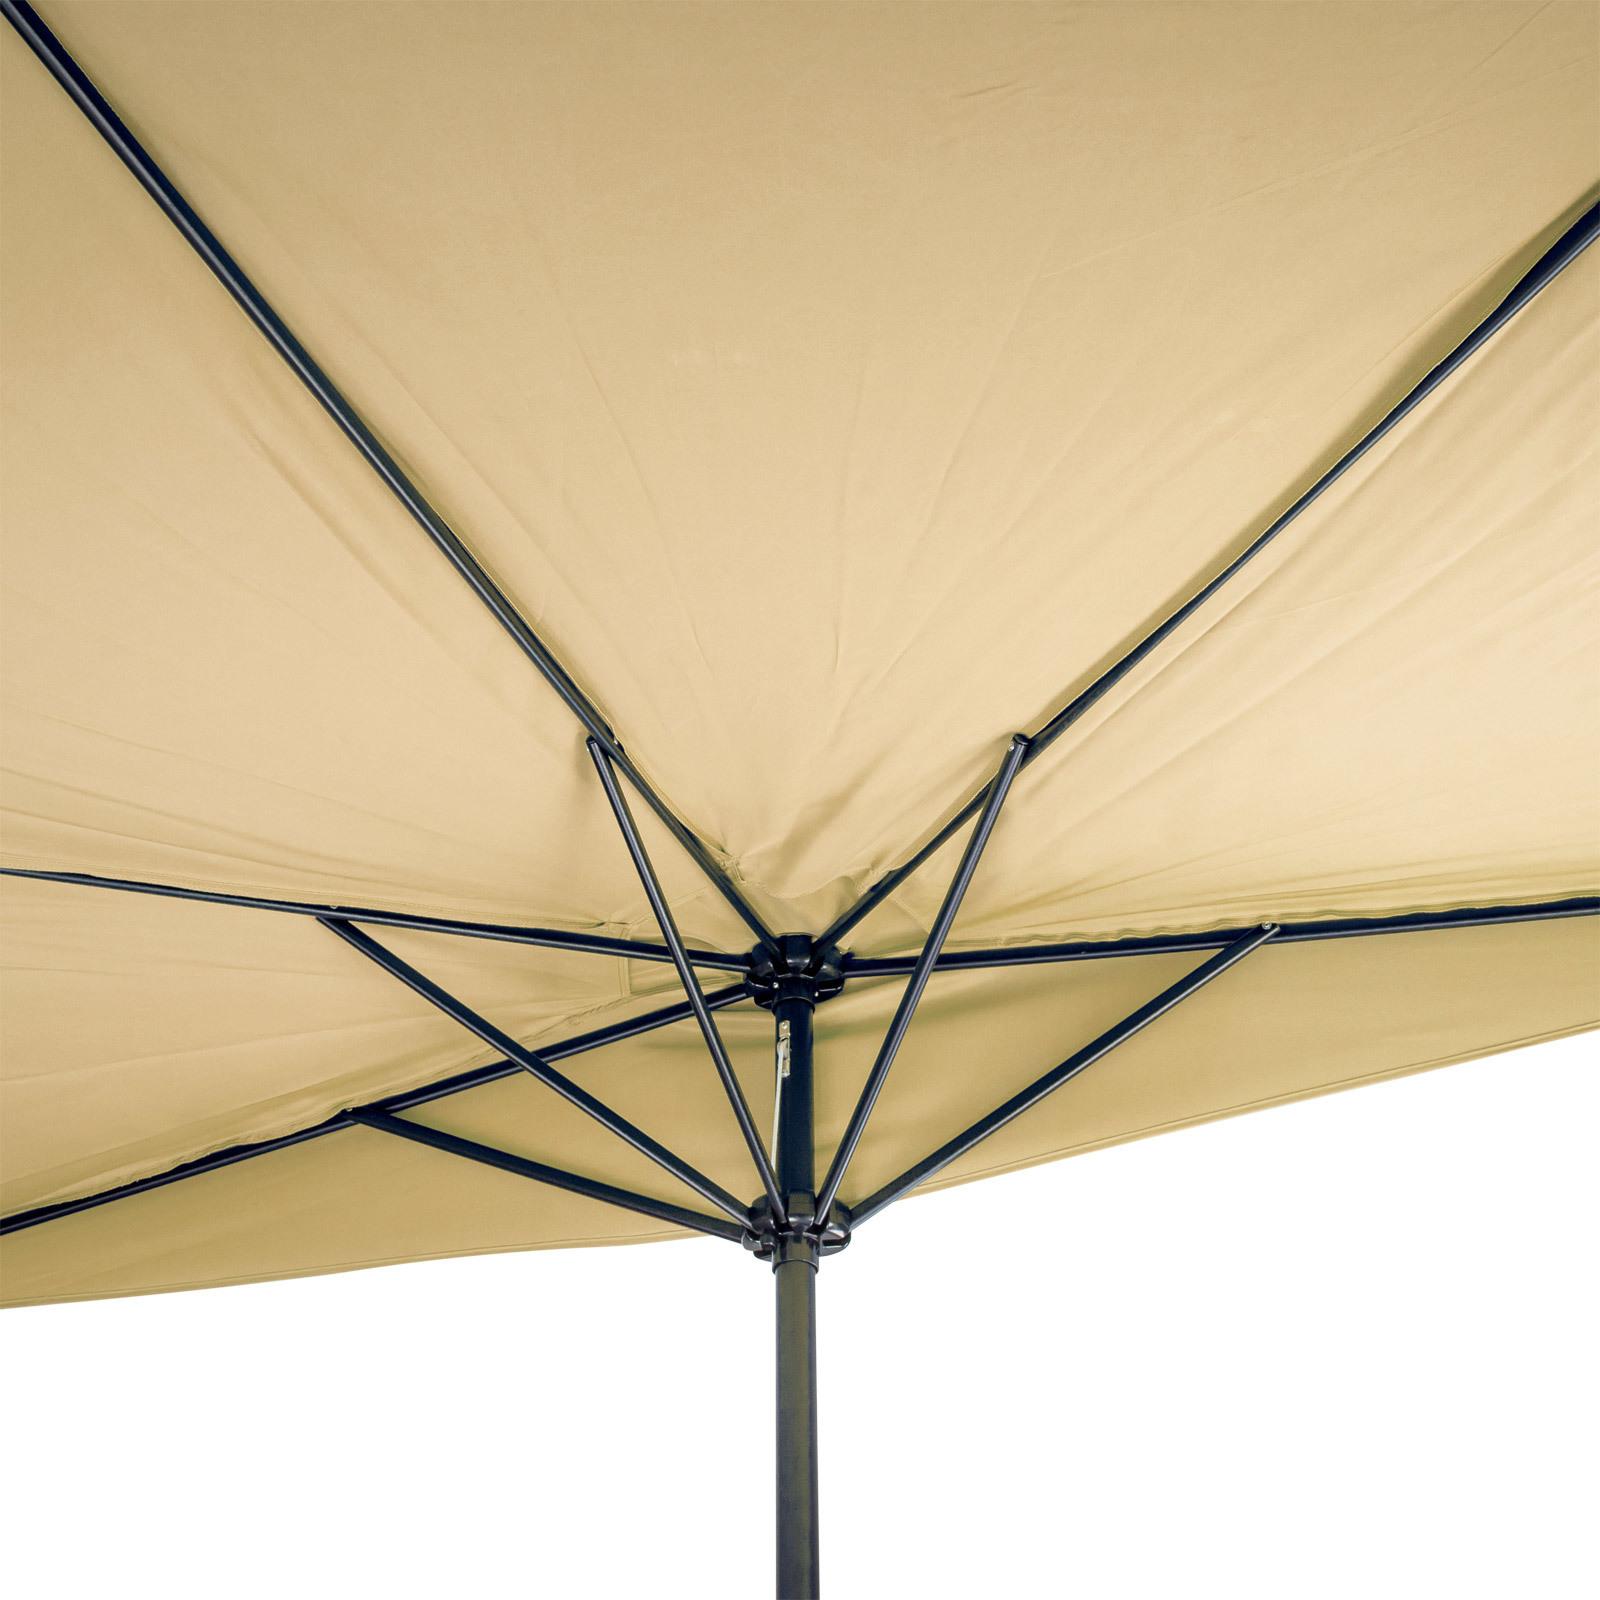 sonnenschirm gartenschirm sonnenschutz halbrund beige breite 300x156 cm ebay. Black Bedroom Furniture Sets. Home Design Ideas